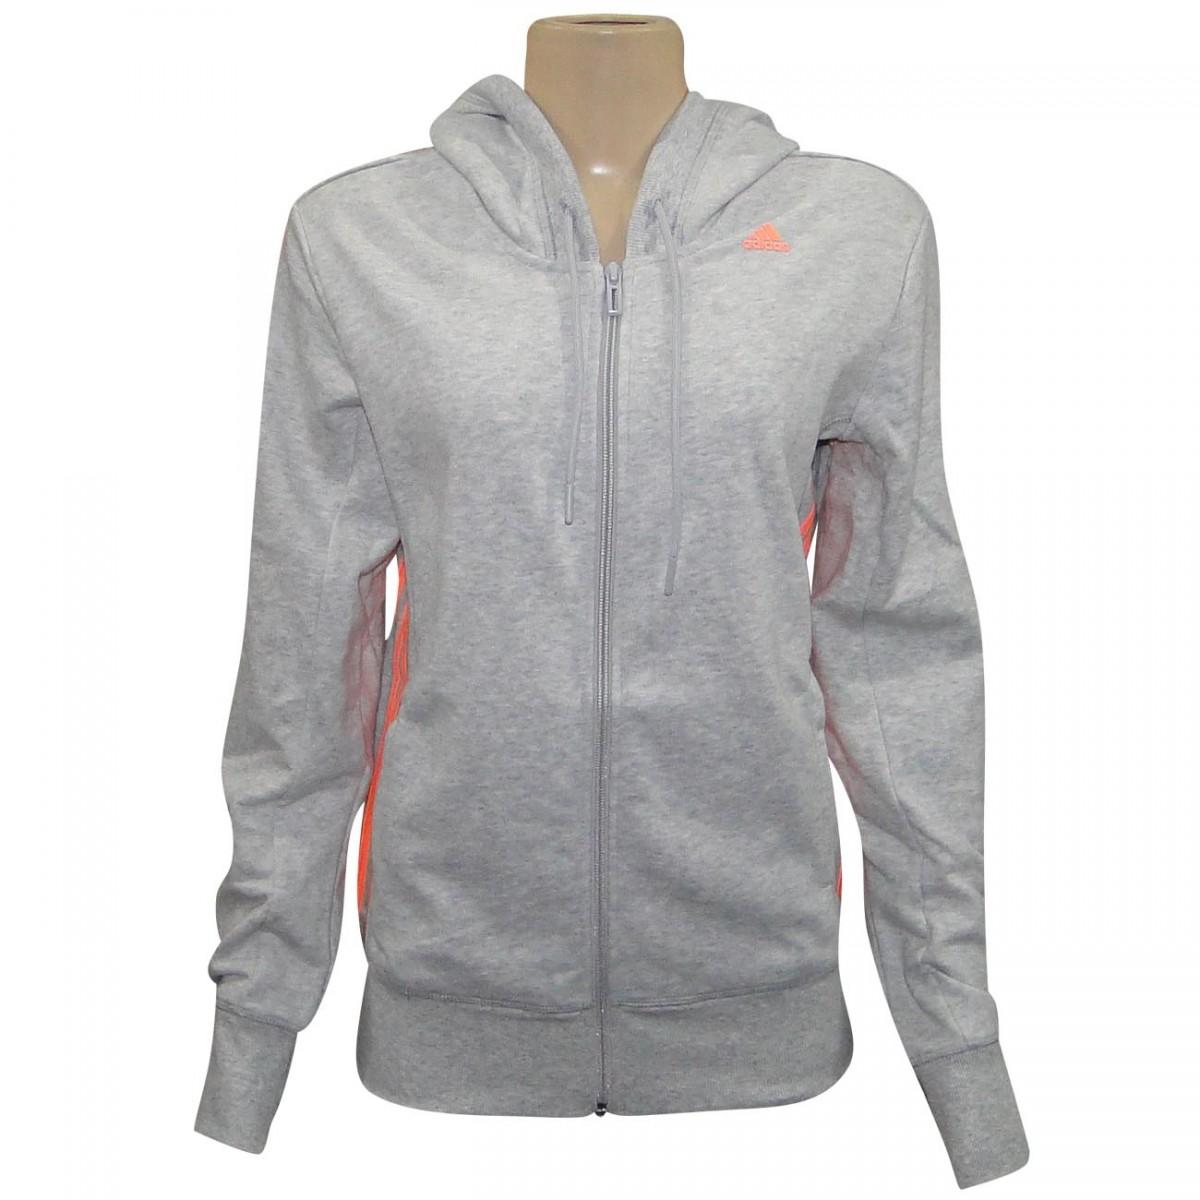 59284216e47 Jaqueta Adidas Ess Mid 3S Feminina S20946 - Mescla - Chuteira Nike ...